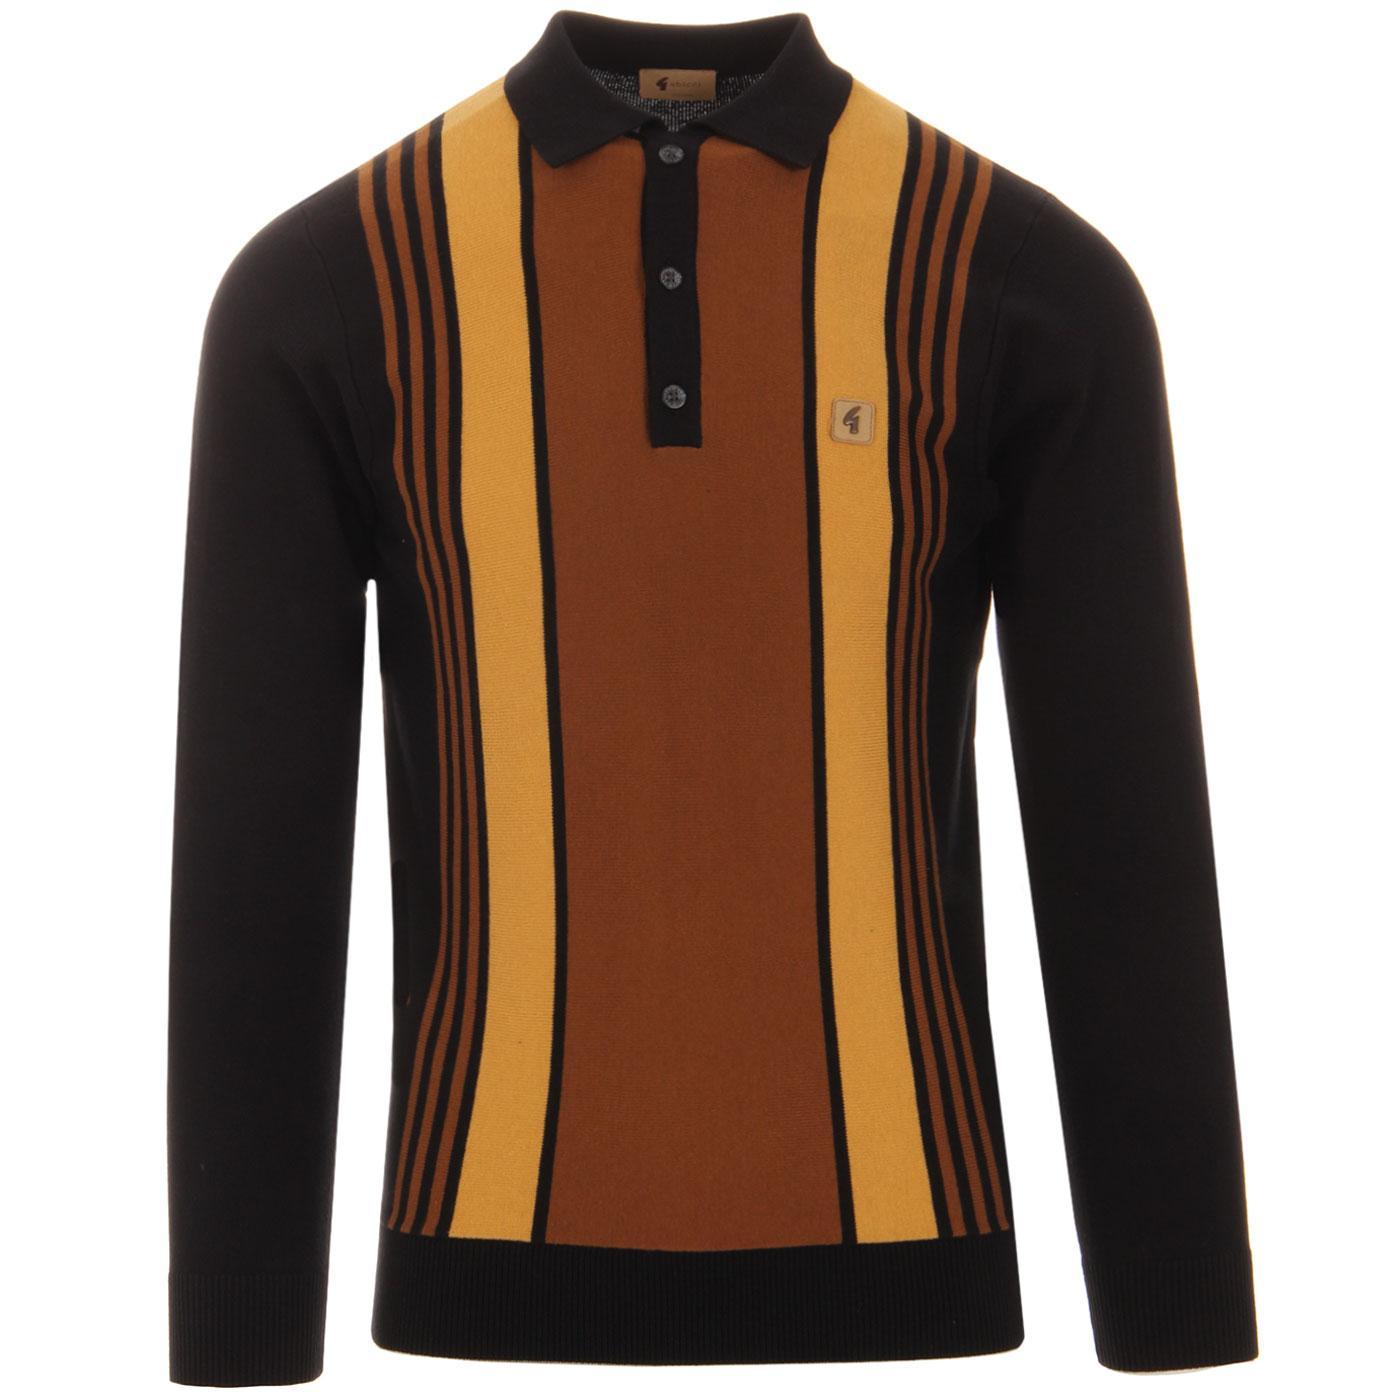 Searle GABICCI VINTAGE Mod Stripe Knit Polo BLACK